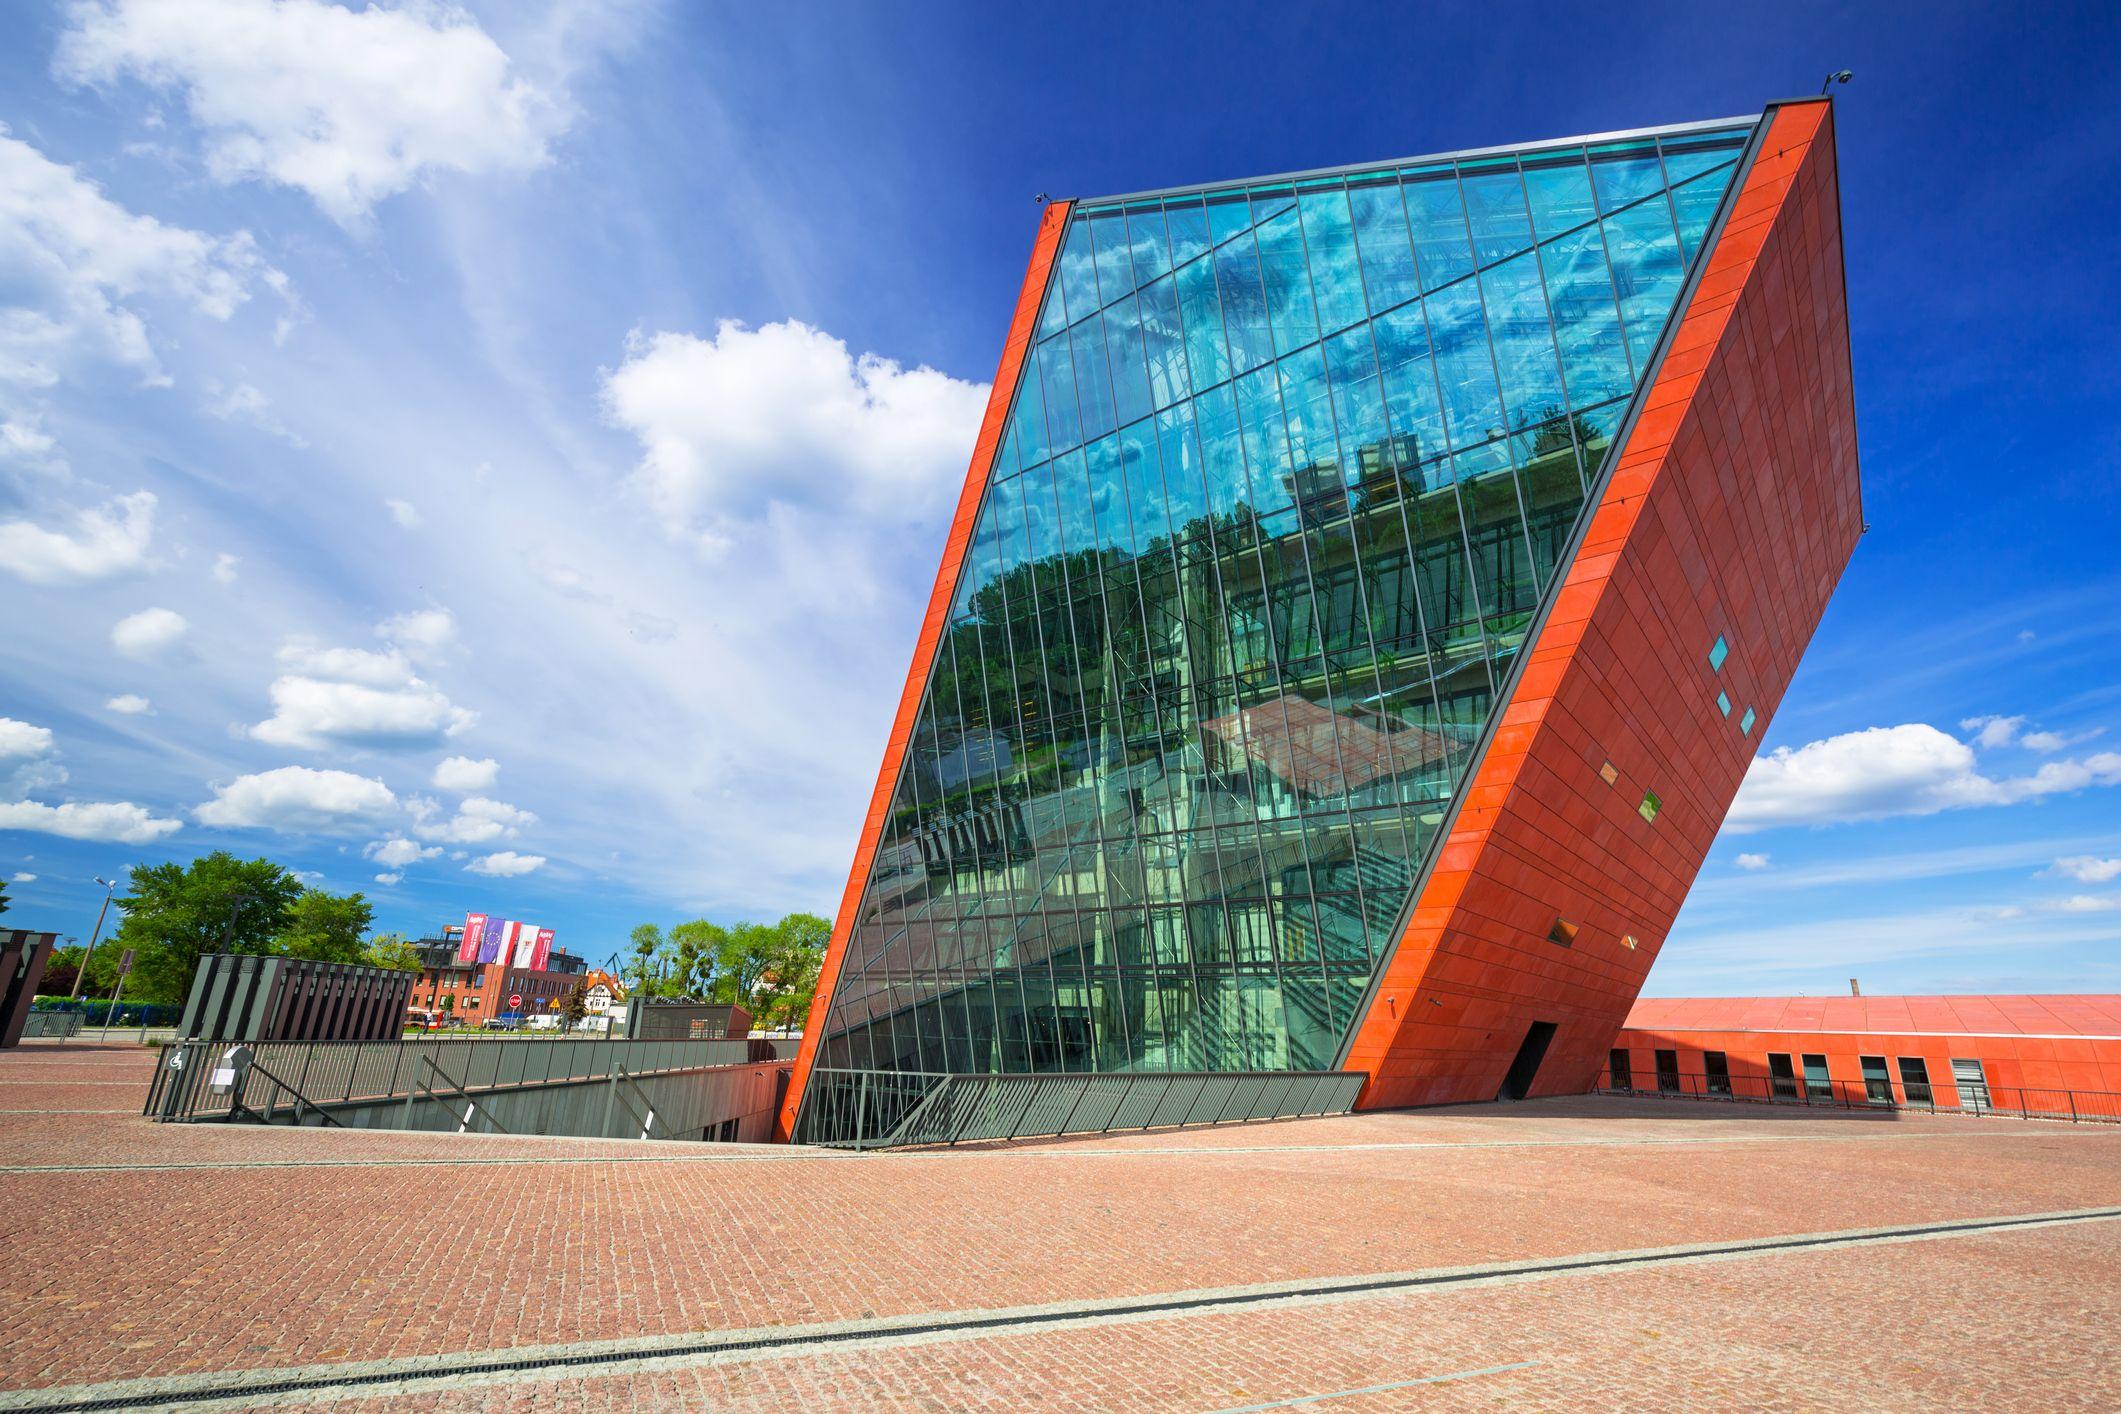 Második Világháború Múzeuma, Gdansk